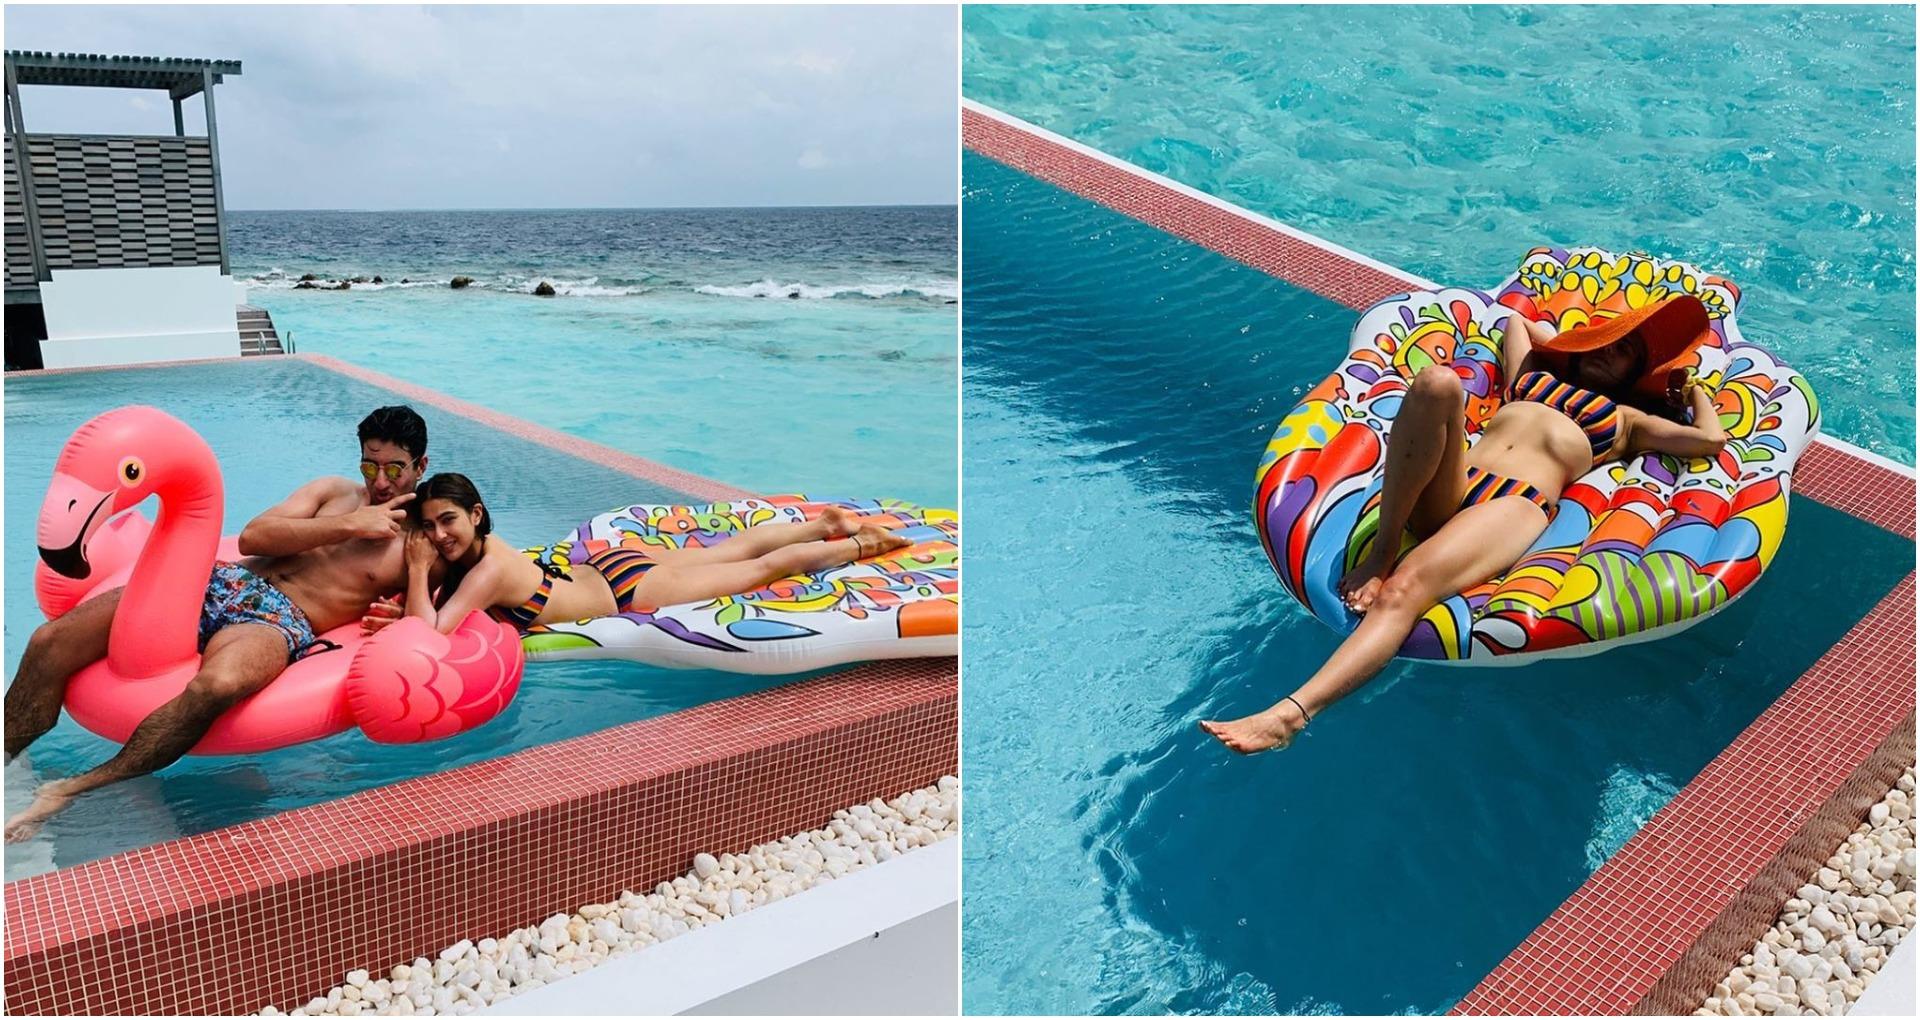 जल परी सारा अली खान ने पोस्ट की हॉट तस्वीरें, मालदीव में मना रहीं हैं छुट्टियां, देखें तस्वीरें